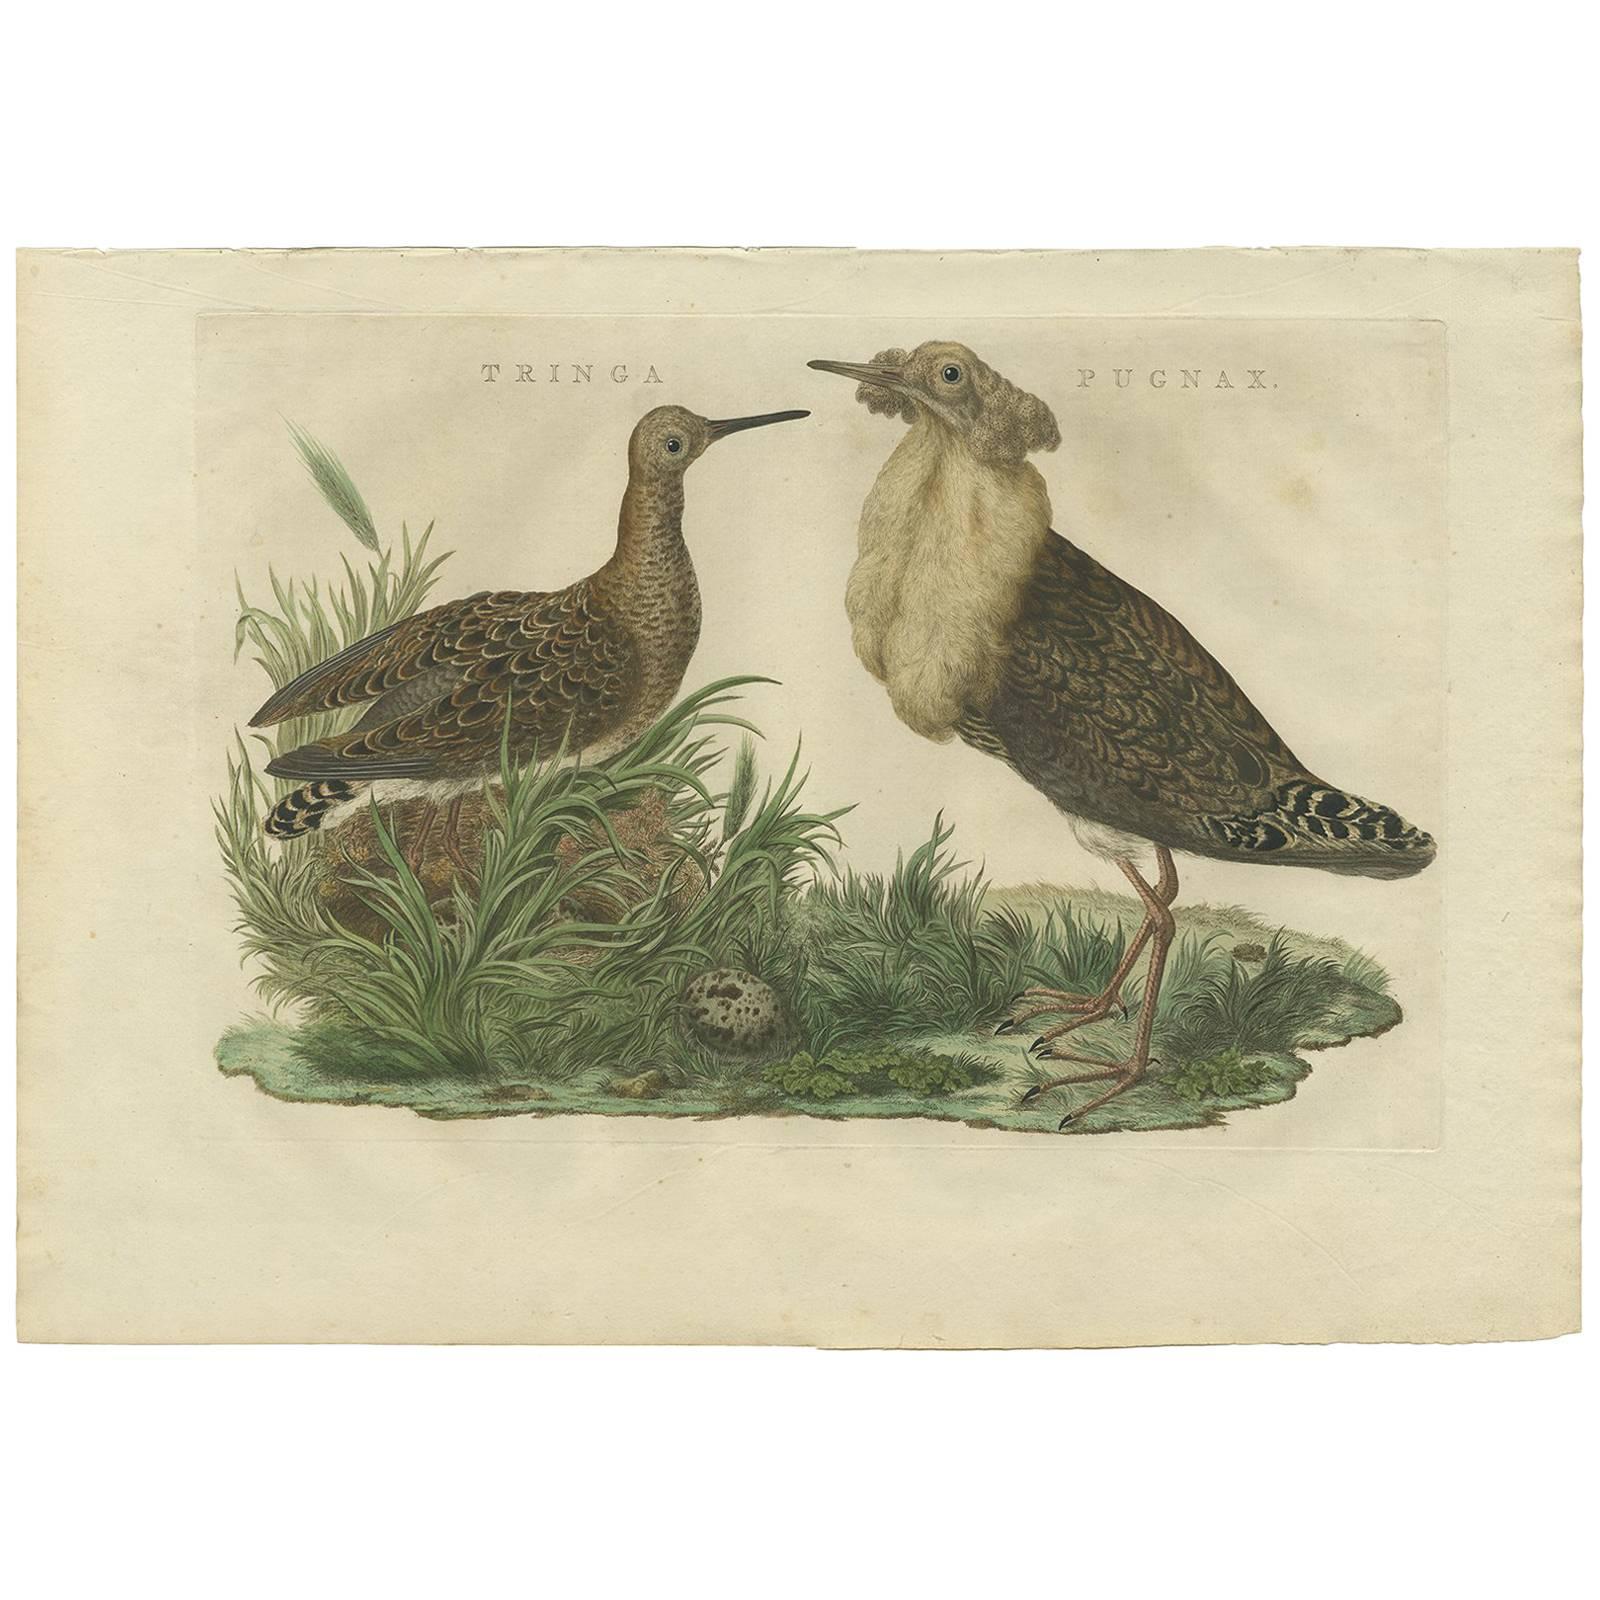 Antique Print of the Ruff Bird by Sepp & Nozeman, 1770